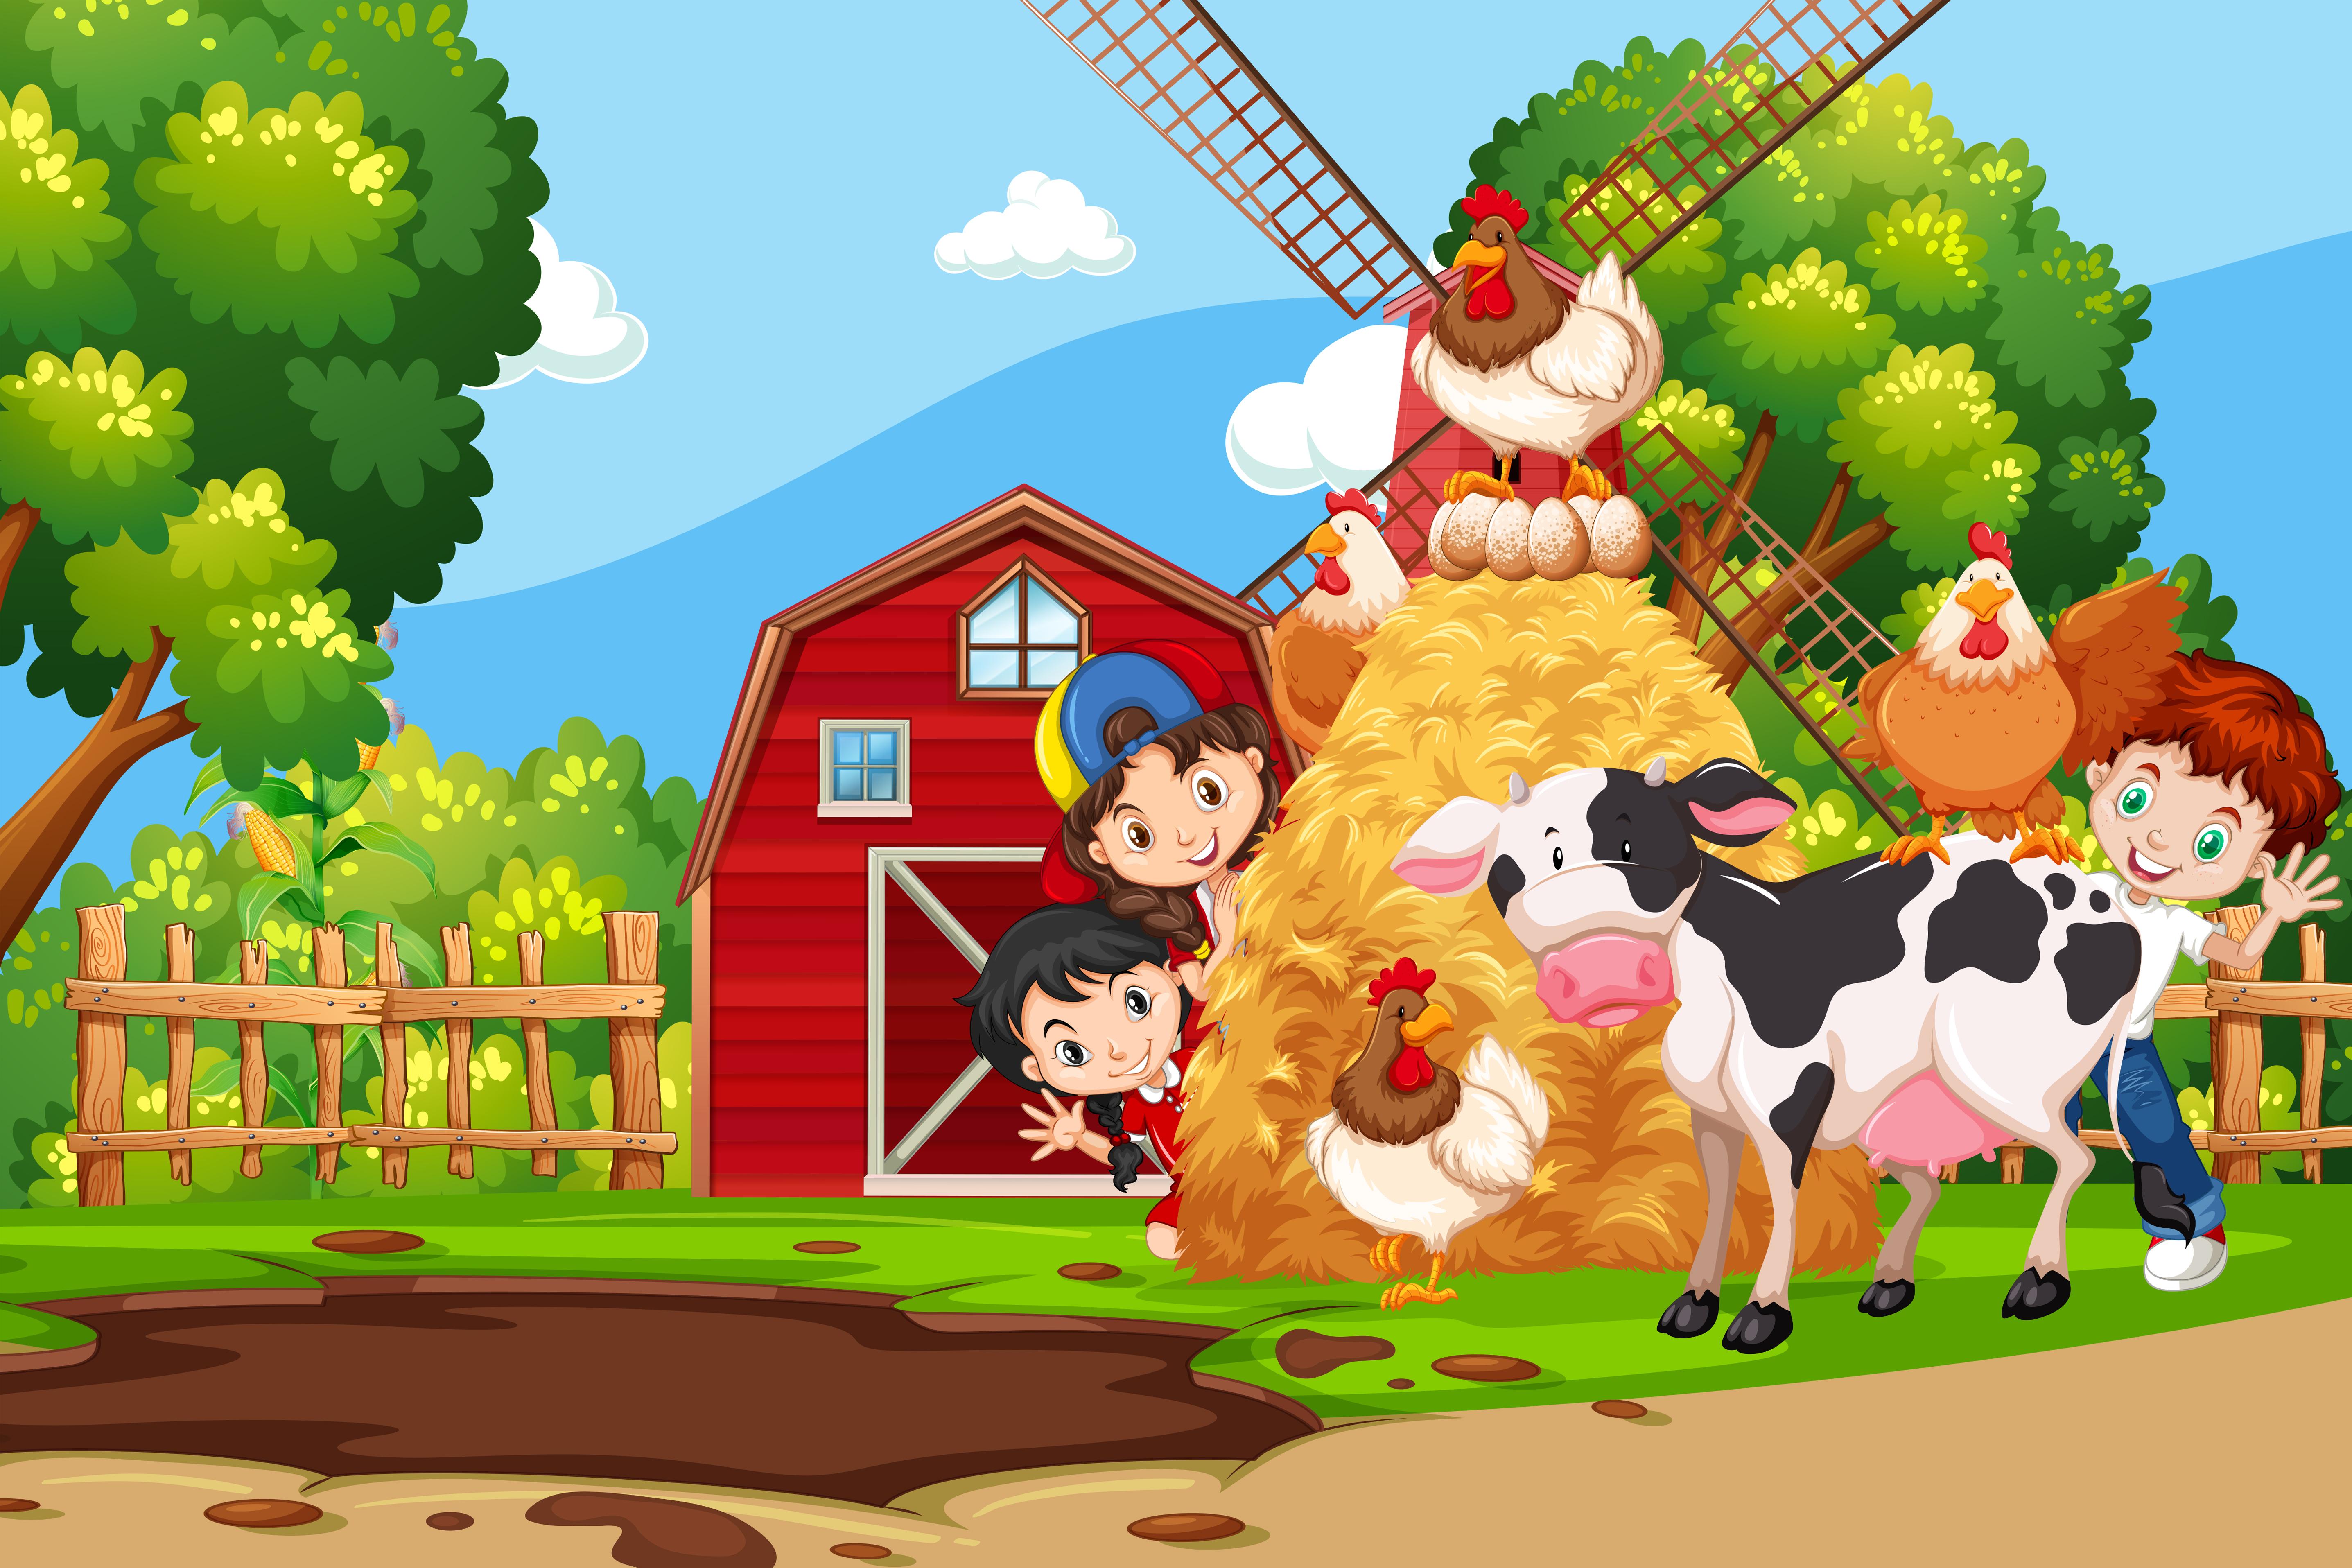 ногтей кошечками забавная ферма картинки зайдя ресторан узбекской